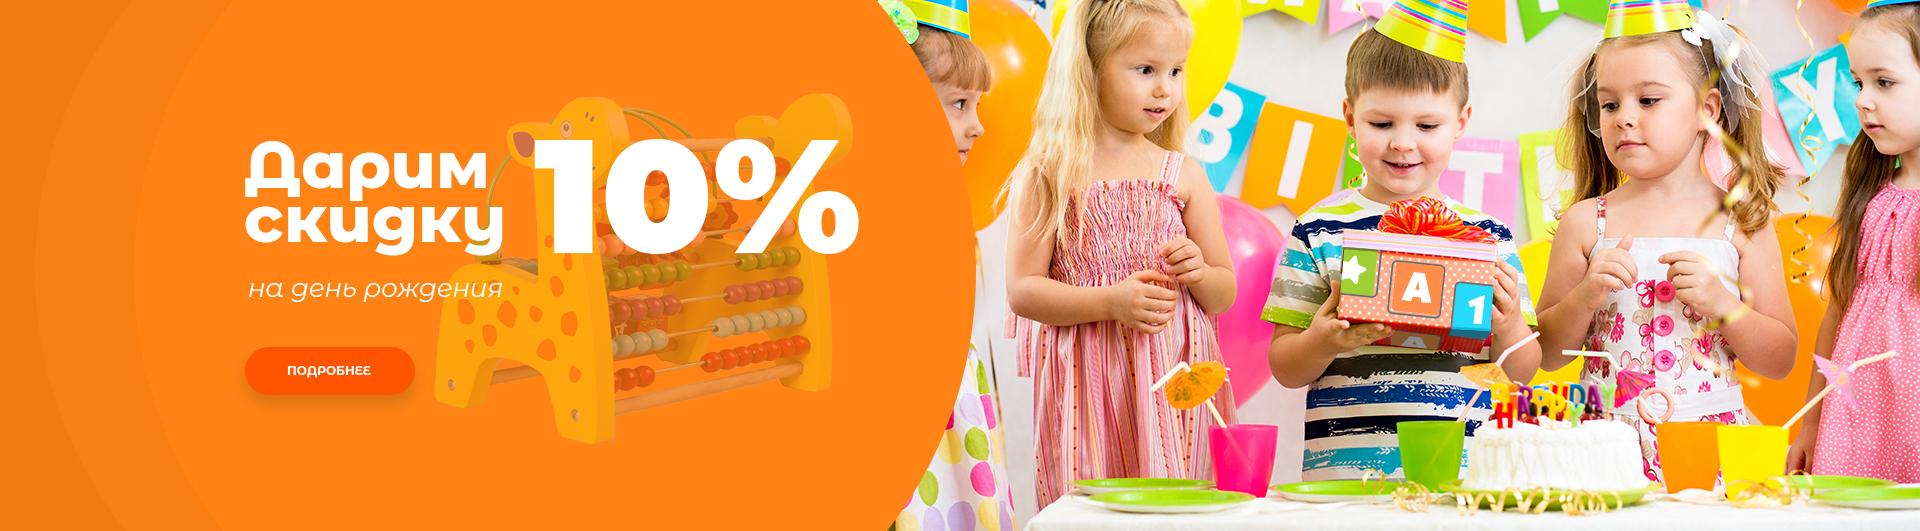 Скидки 10%